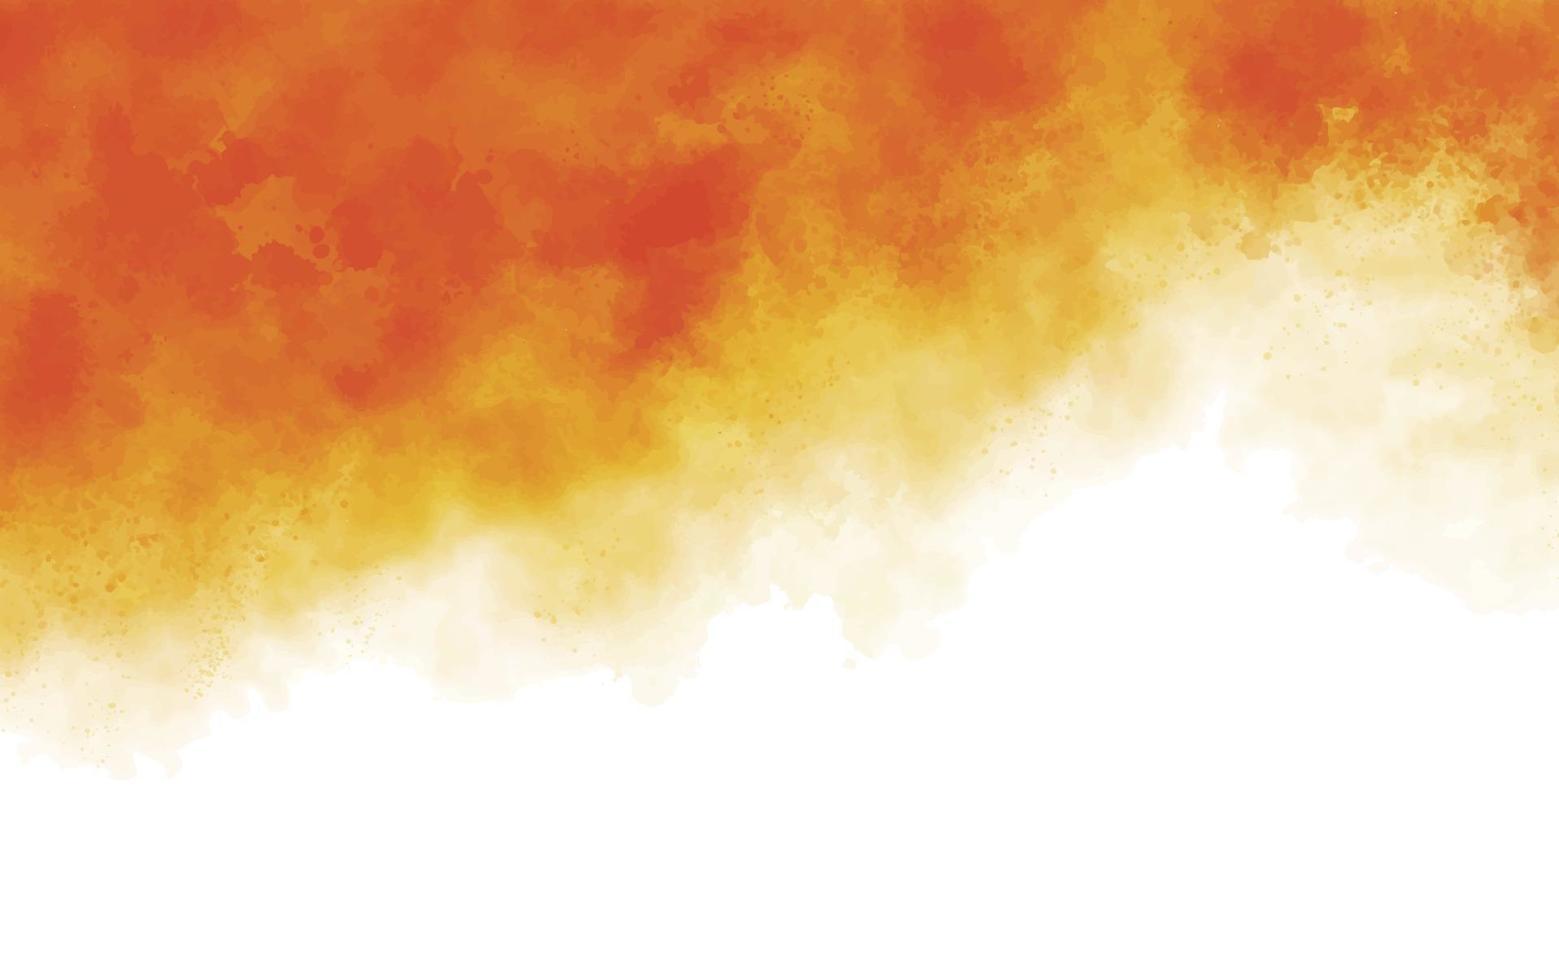 illustration vectorielle de fond de texture aquarelle pinceau orange vecteur